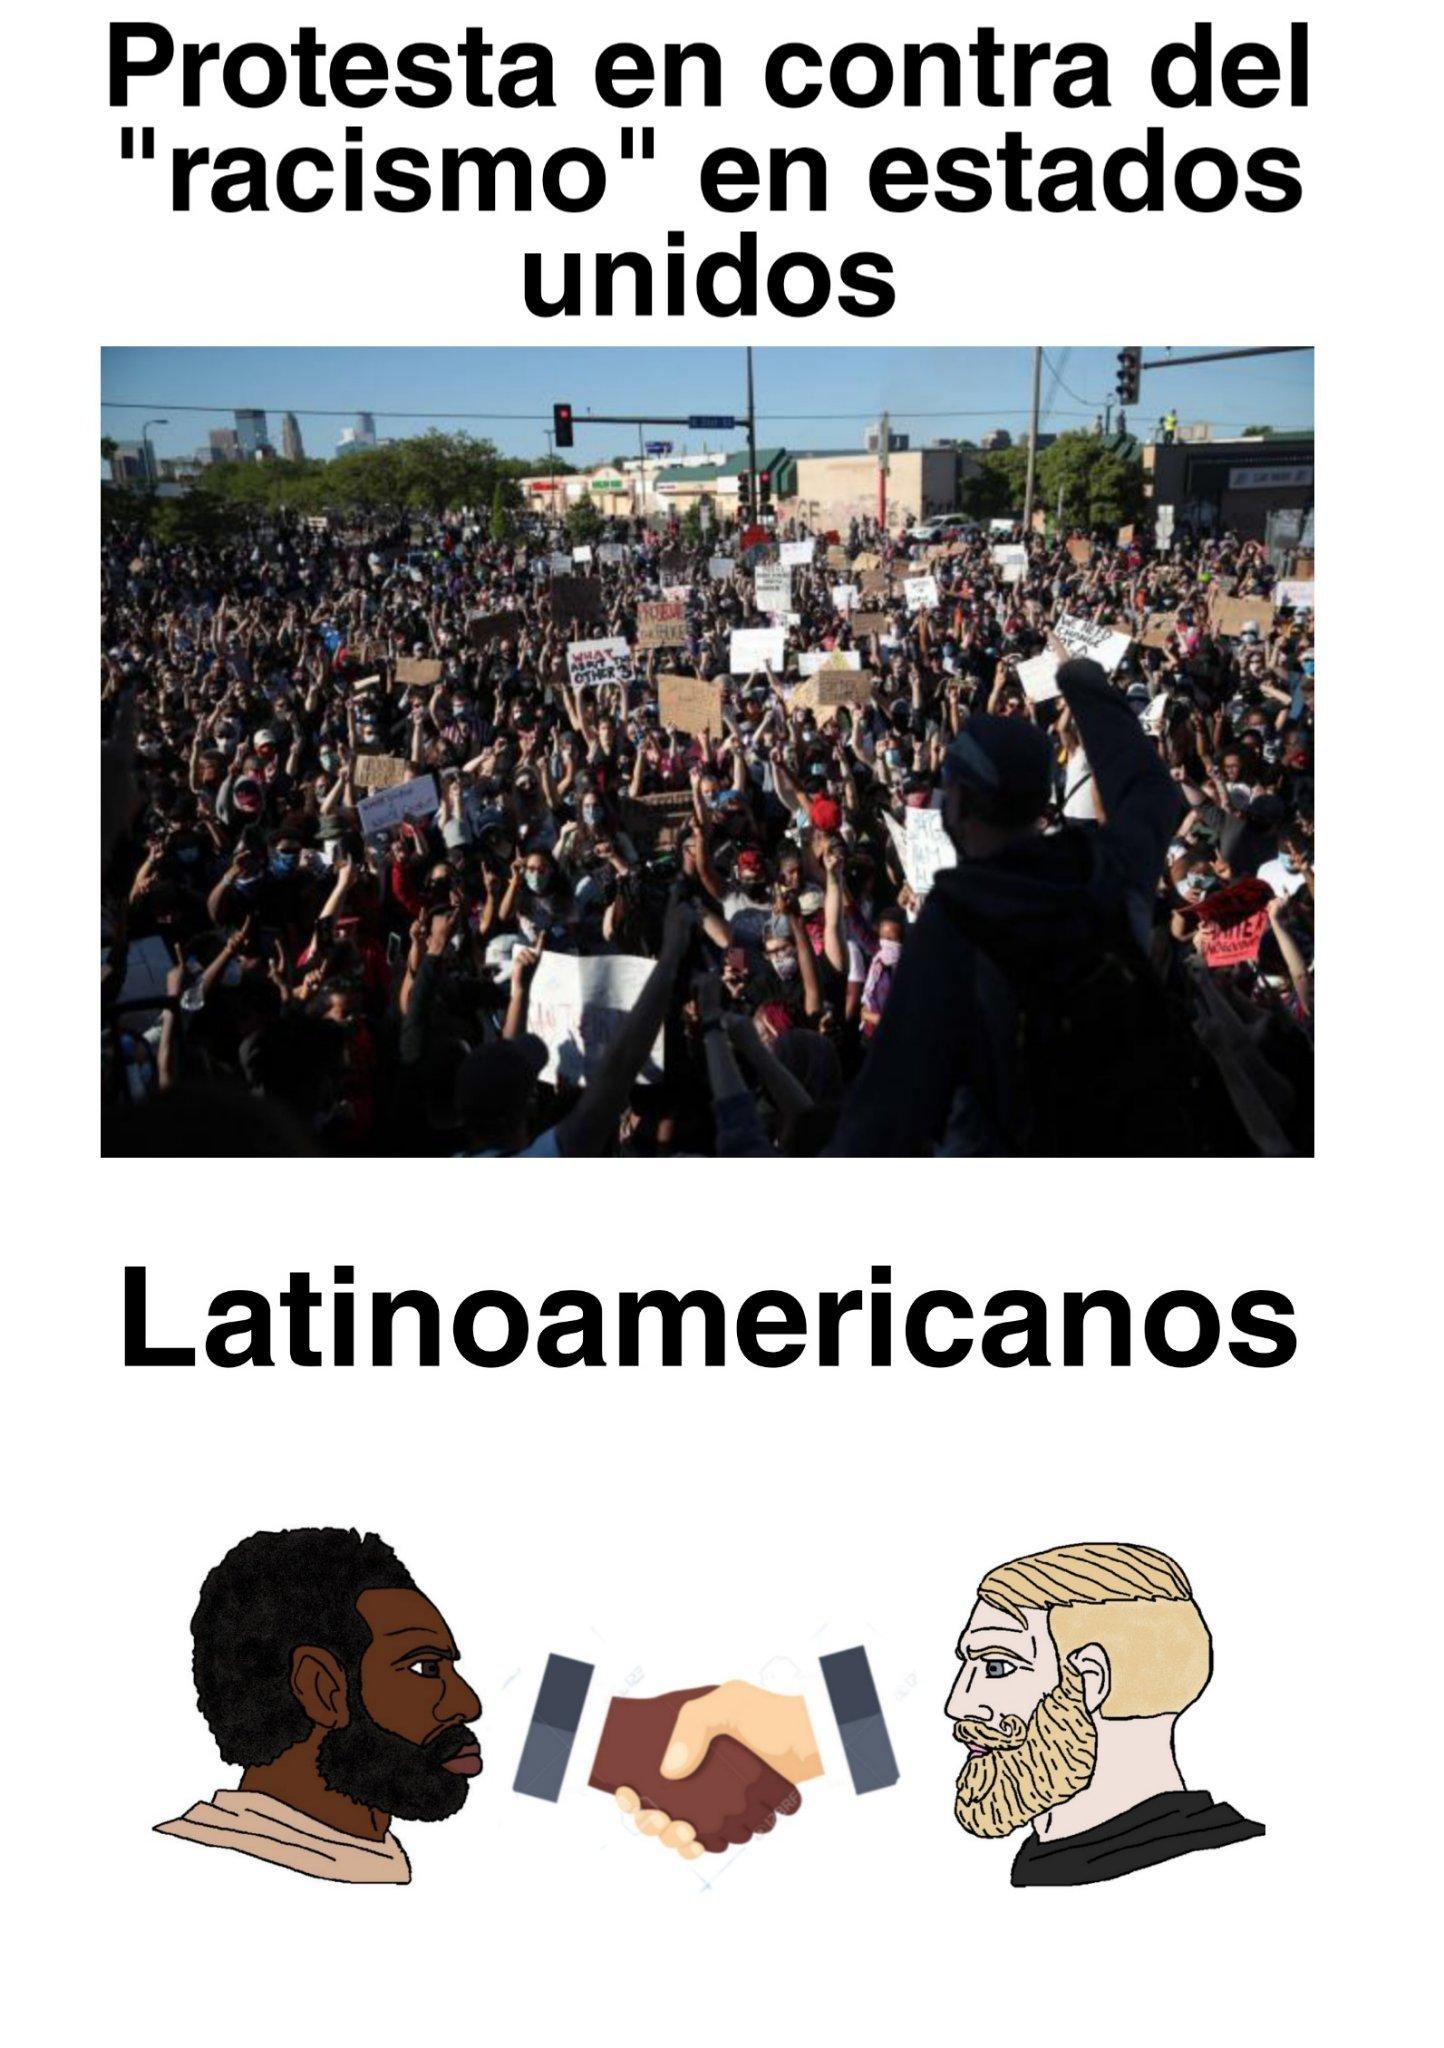 Al fin los latinoamericanos hacemos algo bien despues de todo, ojo: yo no digo que no hay racismo en nuestros países bananeros , solo digo que en esta parte del mundo hay menos racismo que en países desarrollados. - meme